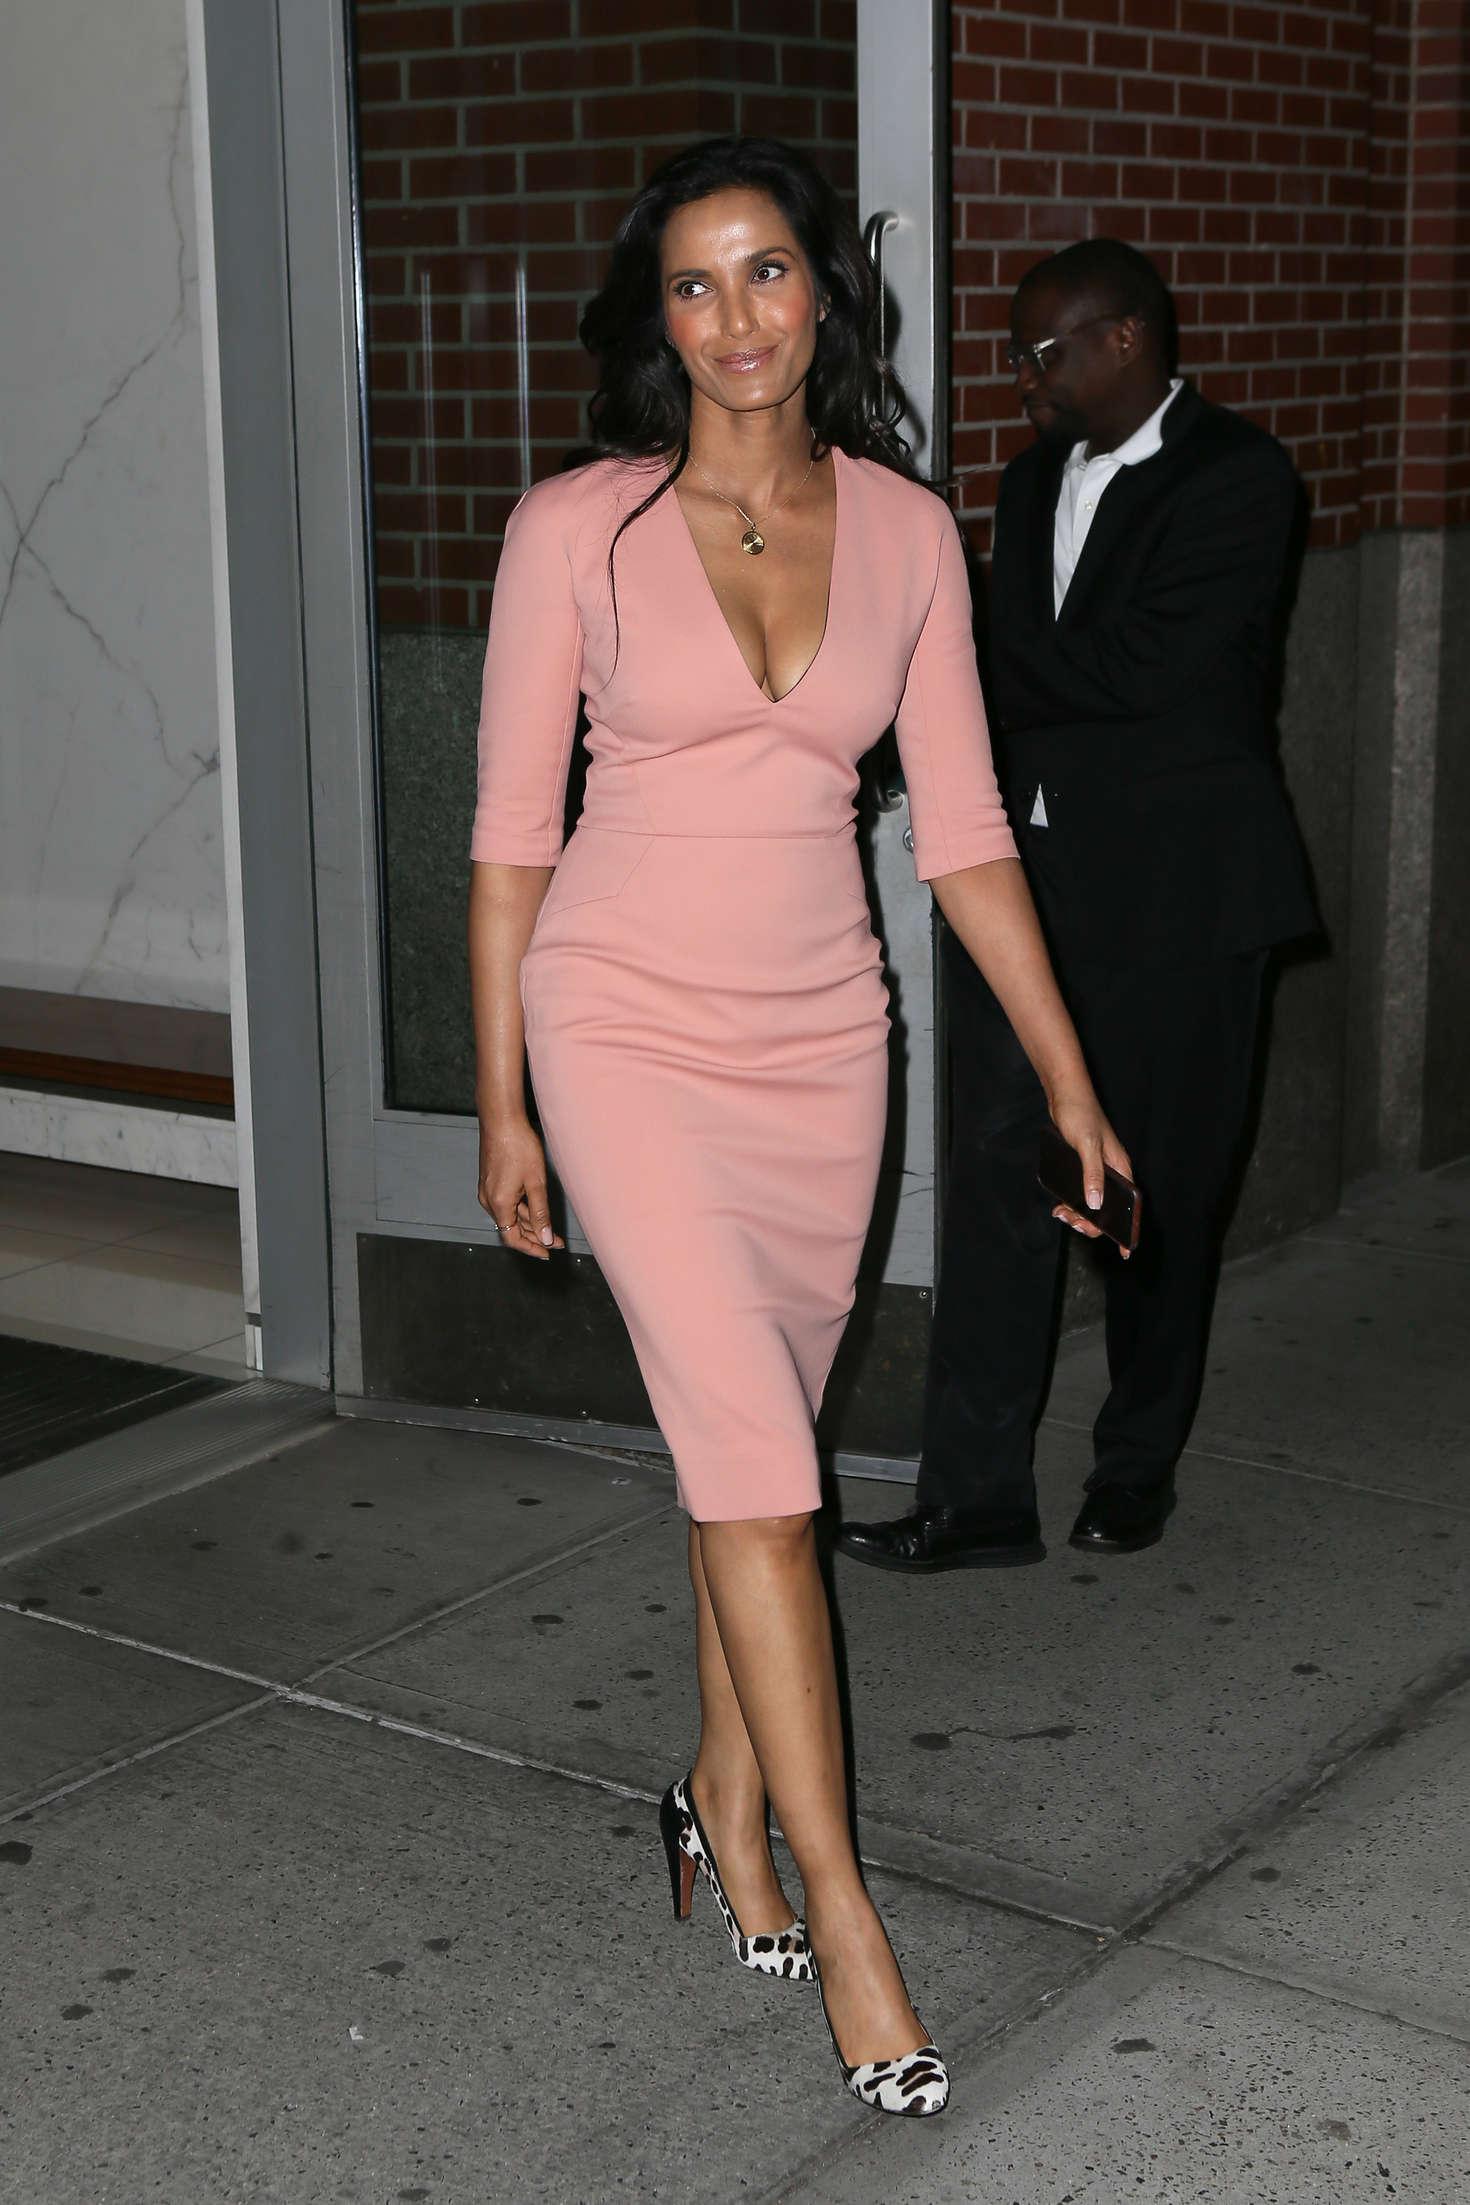 Padma Lakshmi Leaving her apartment in New York